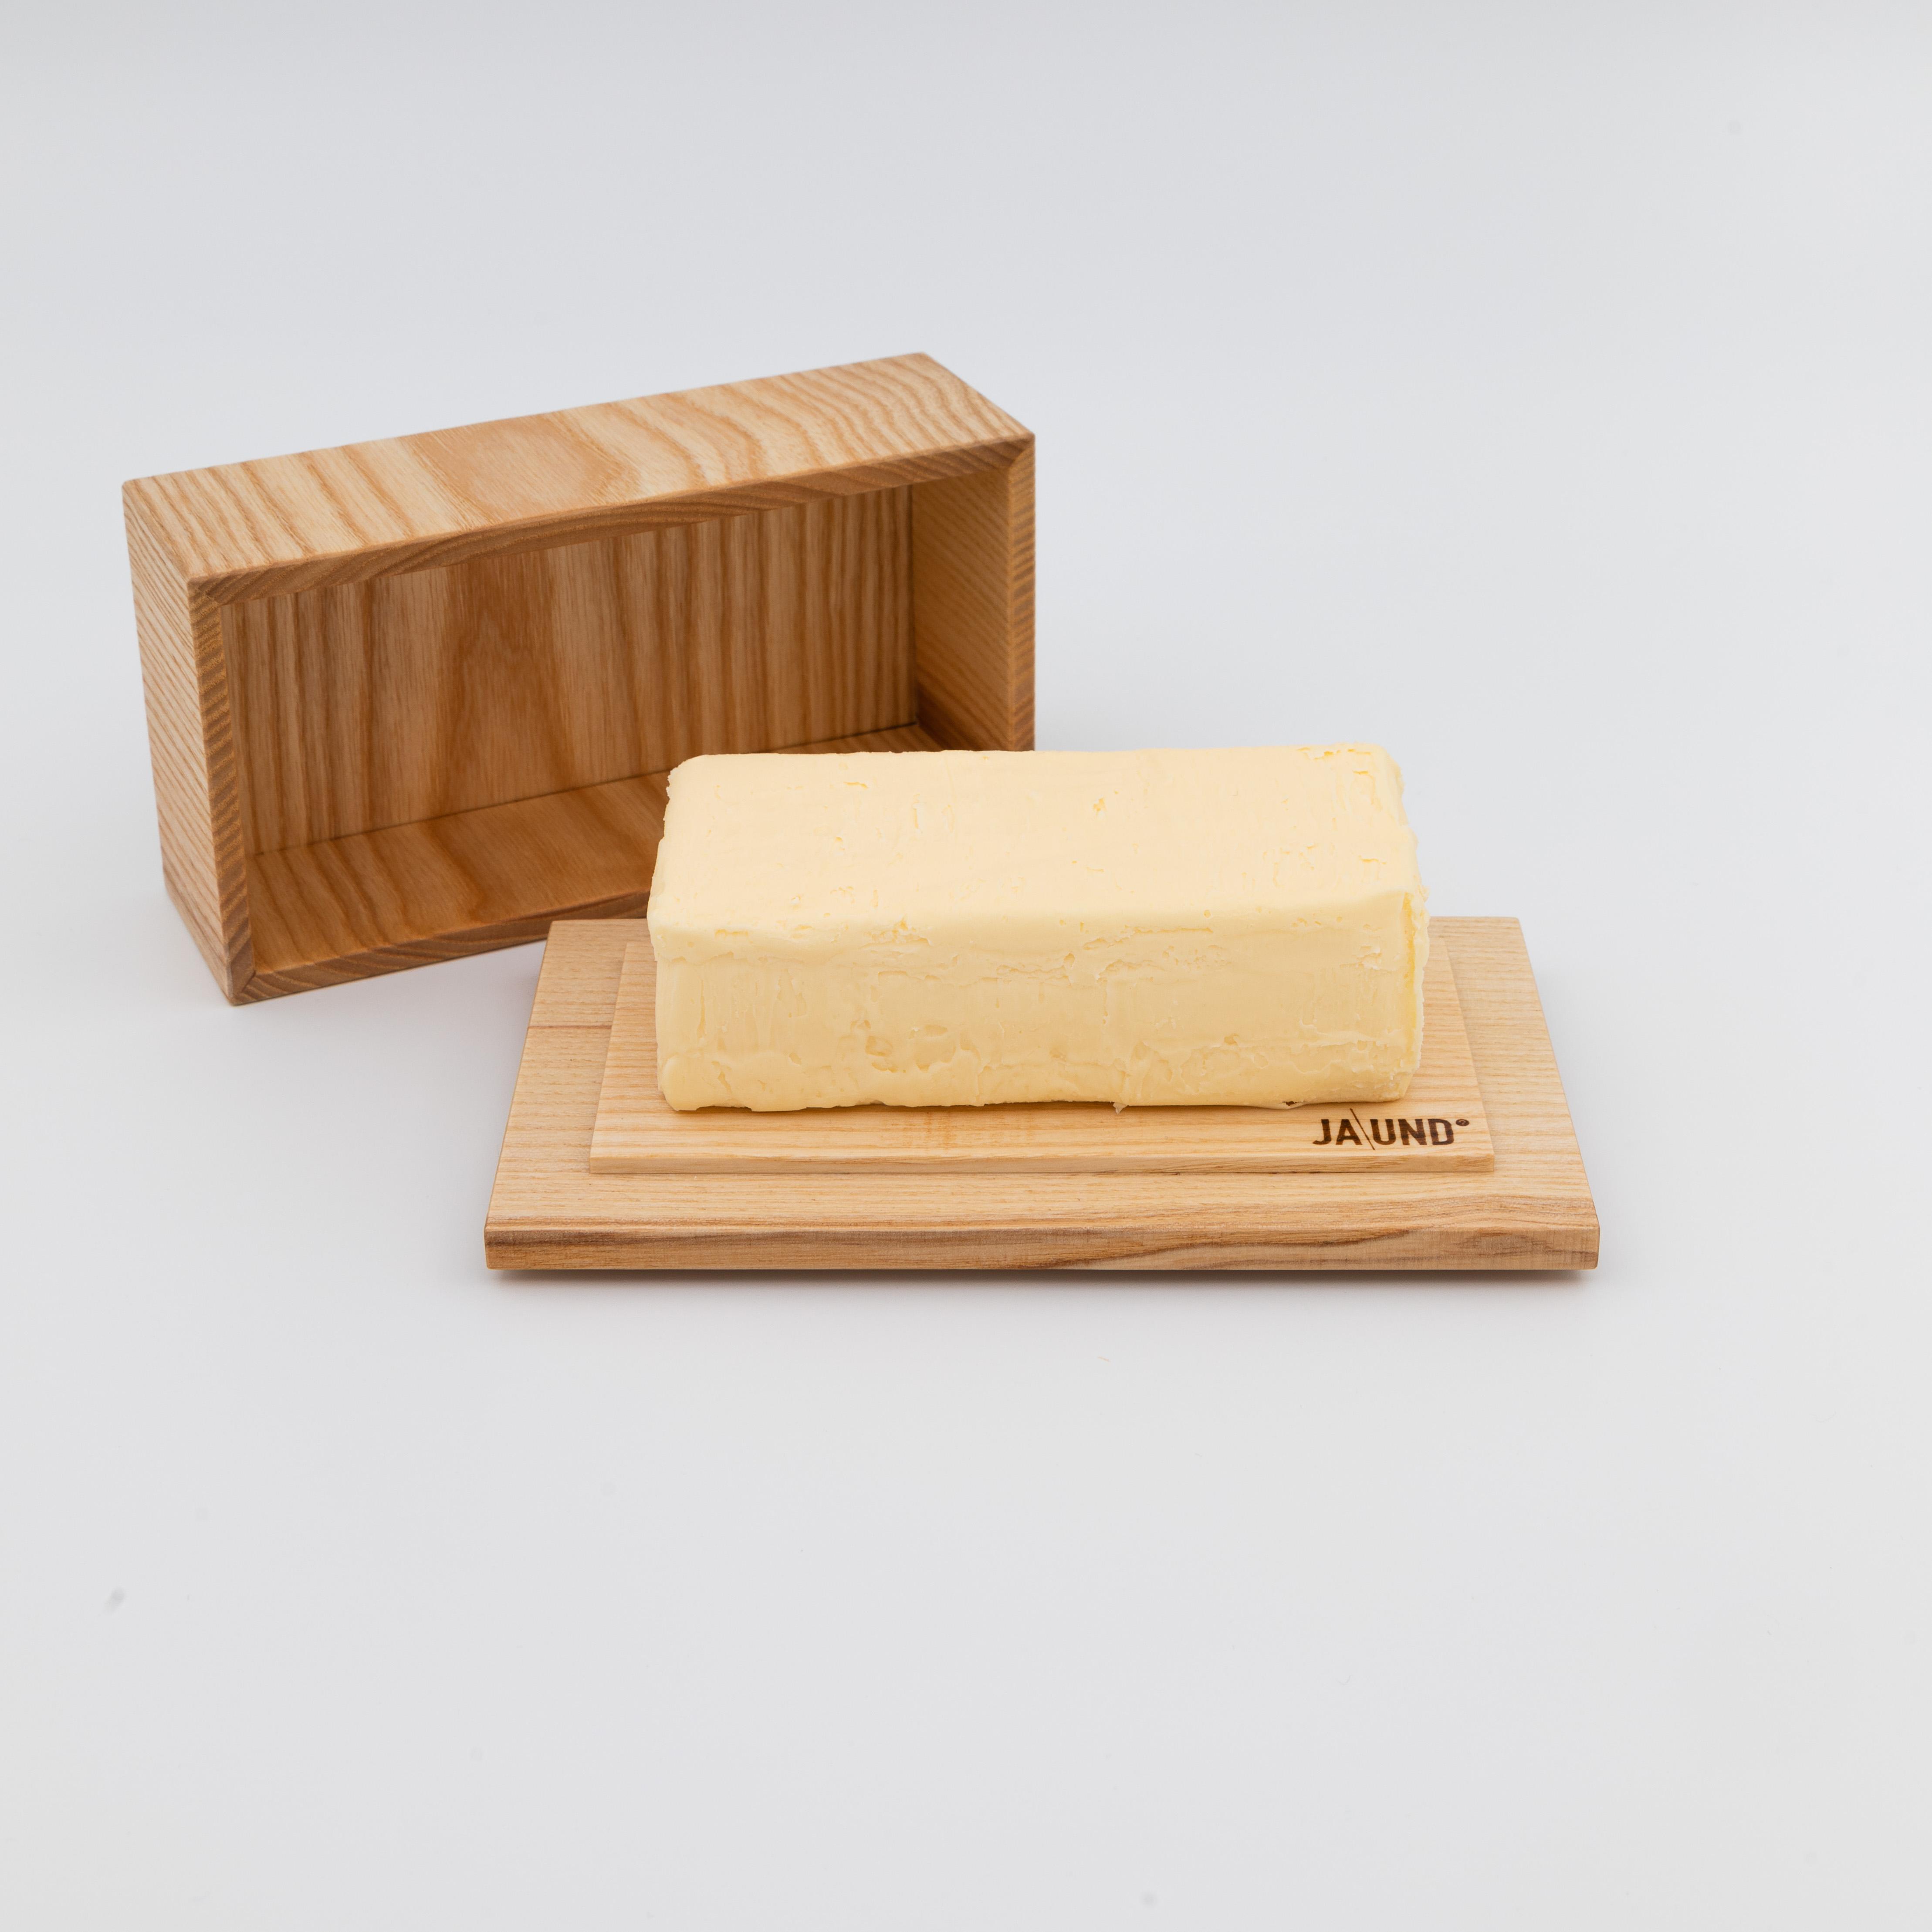 Butterbox aus hellem Holz mit offenem Deckel und Butter drauf.